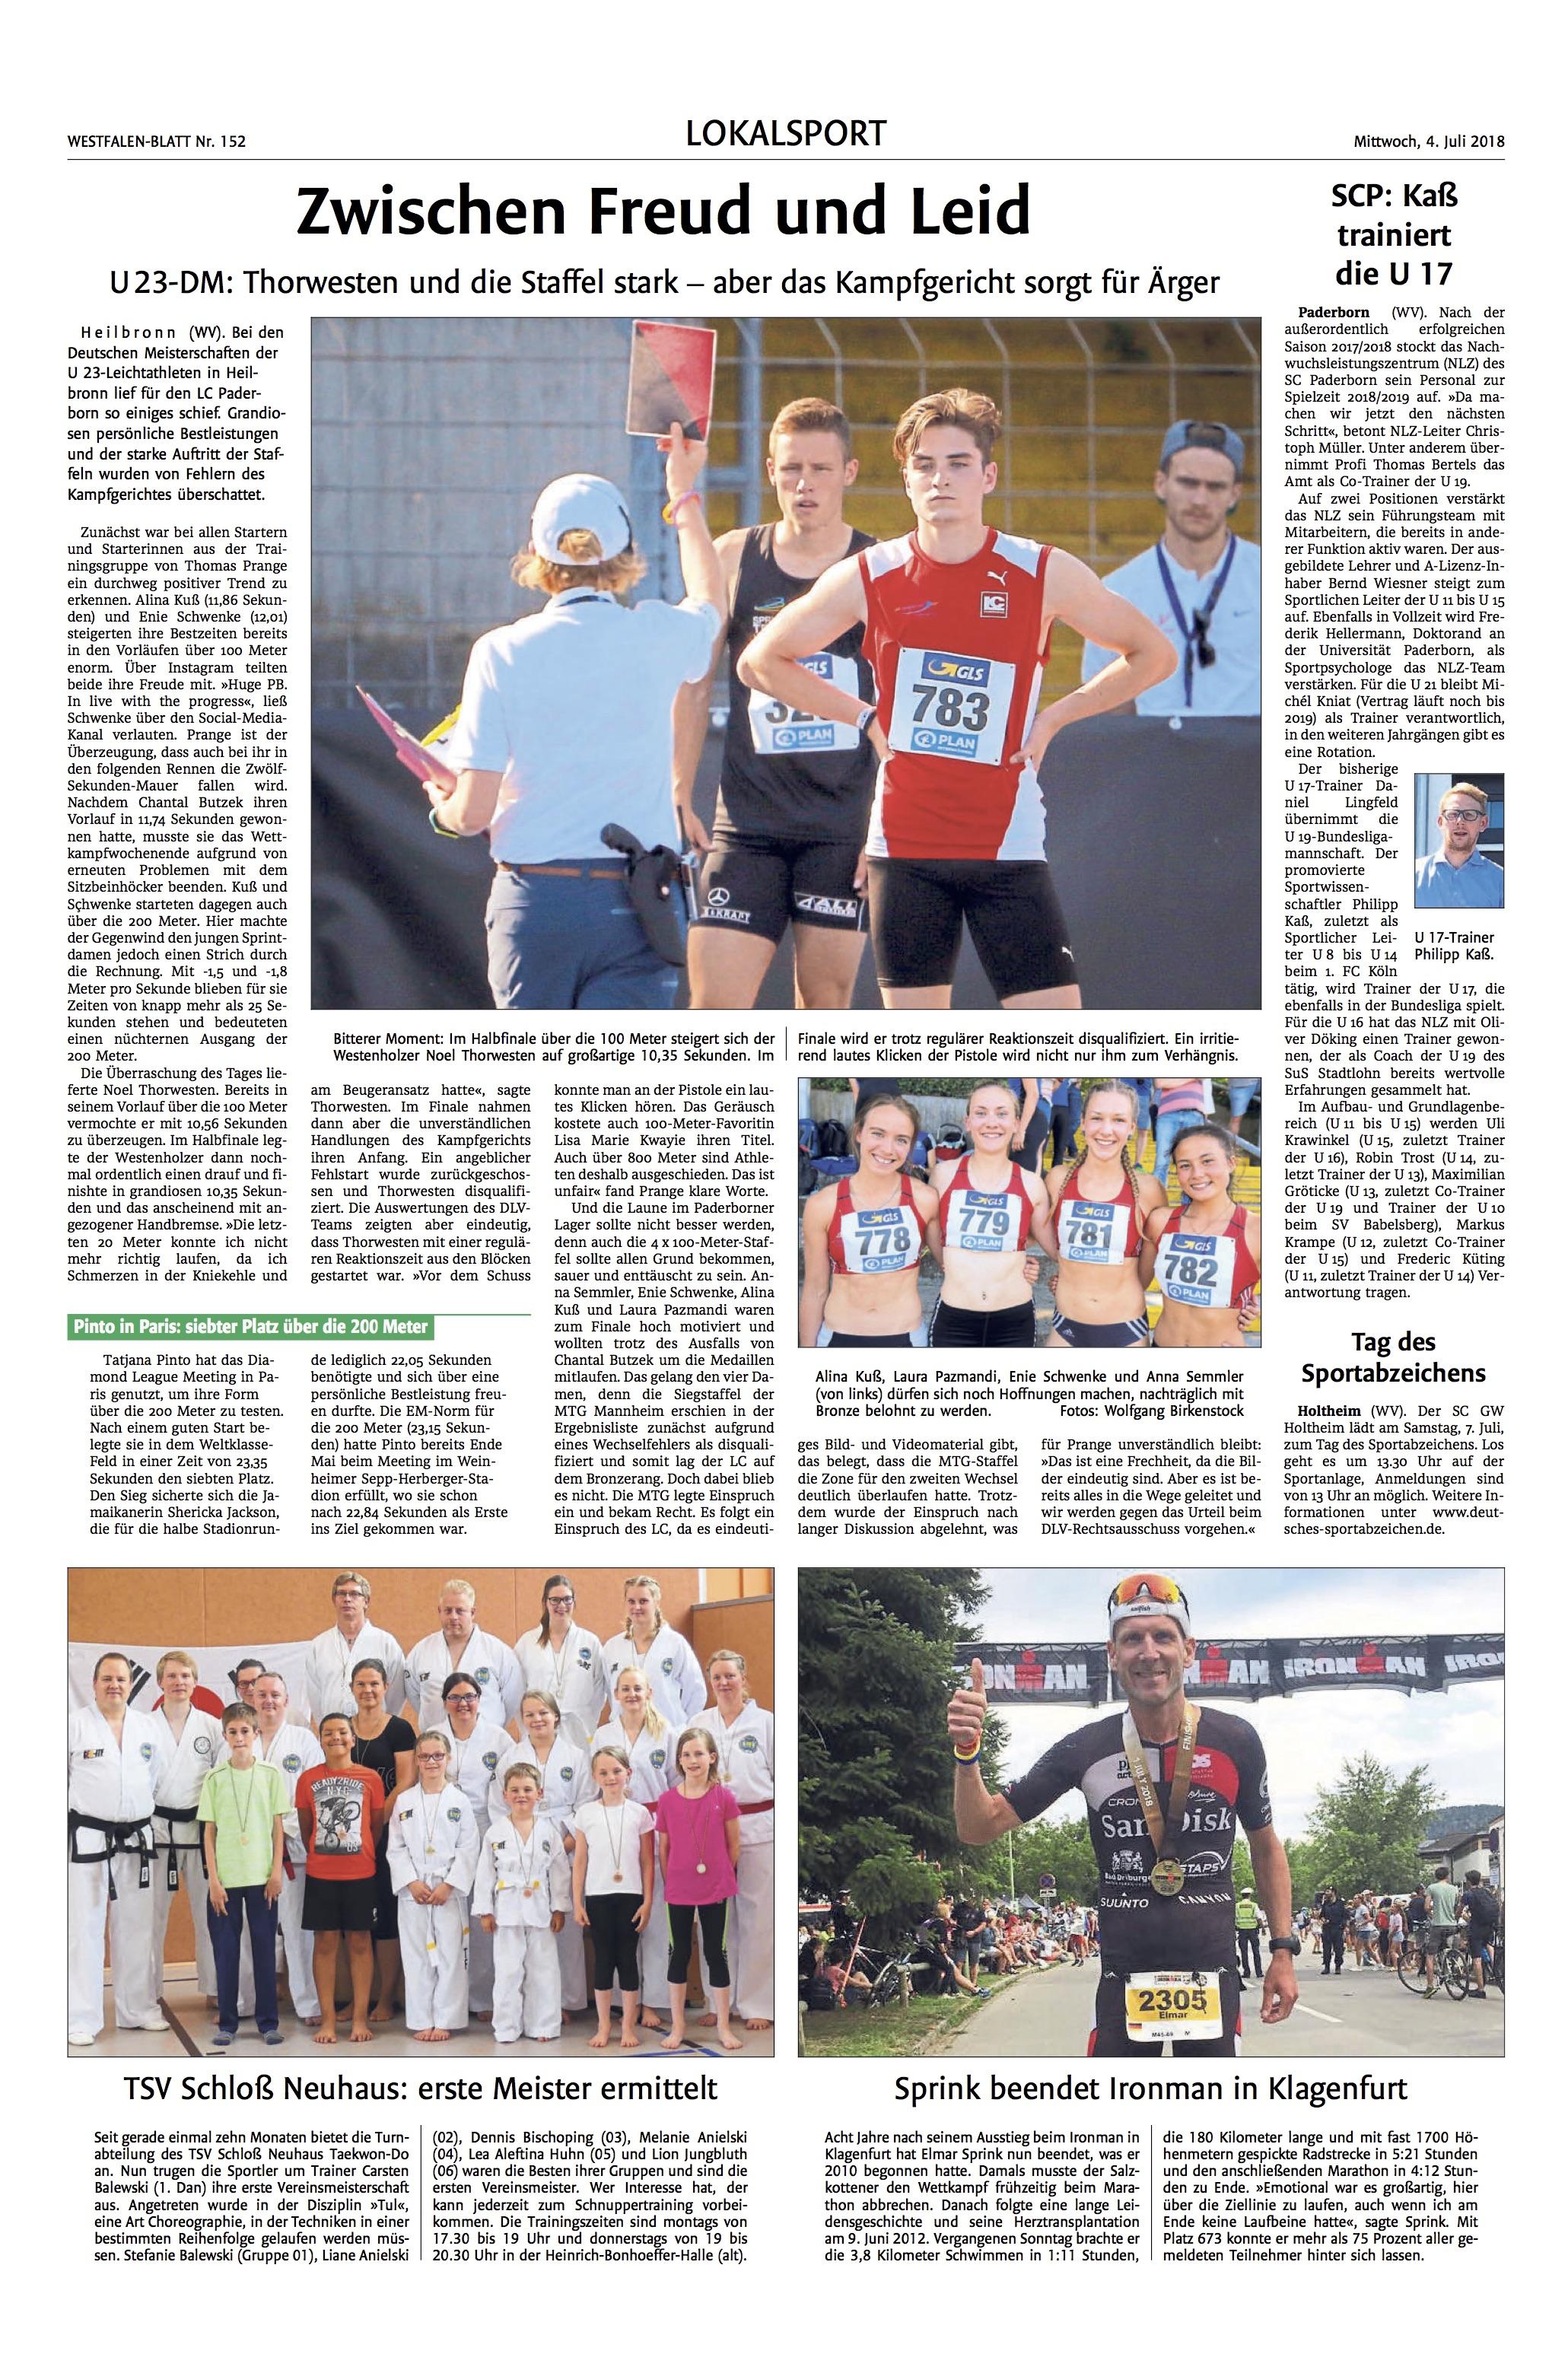 2018-07-04_Paderborn_-_2018-07-04_print Kopie.jpg